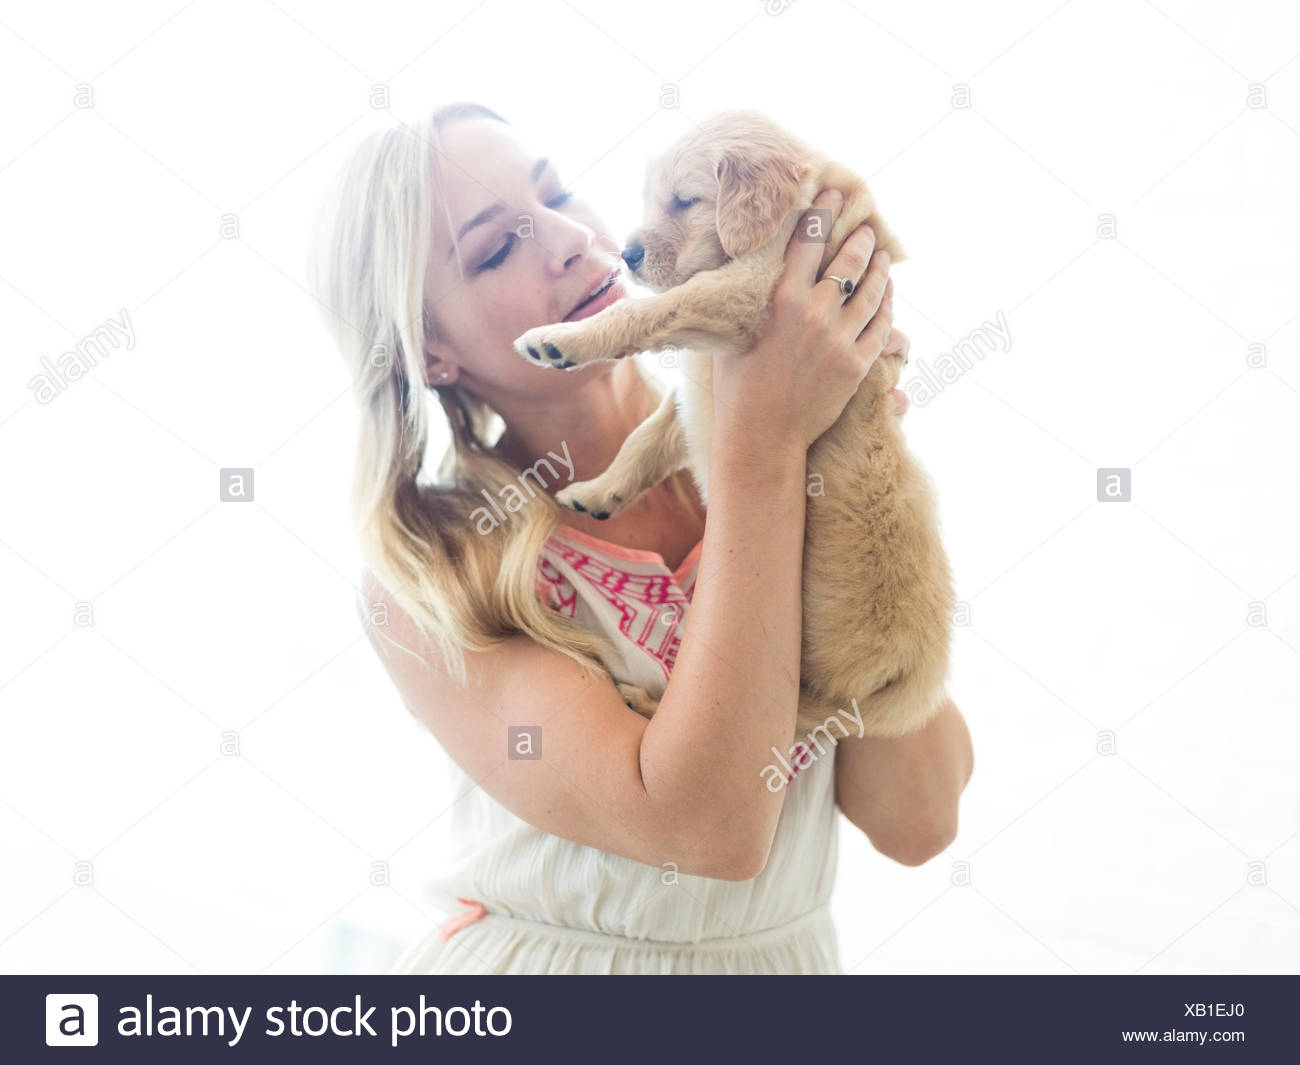 Foto de estudio de Golden Retriever cachorro con el propietario Imagen De Stock